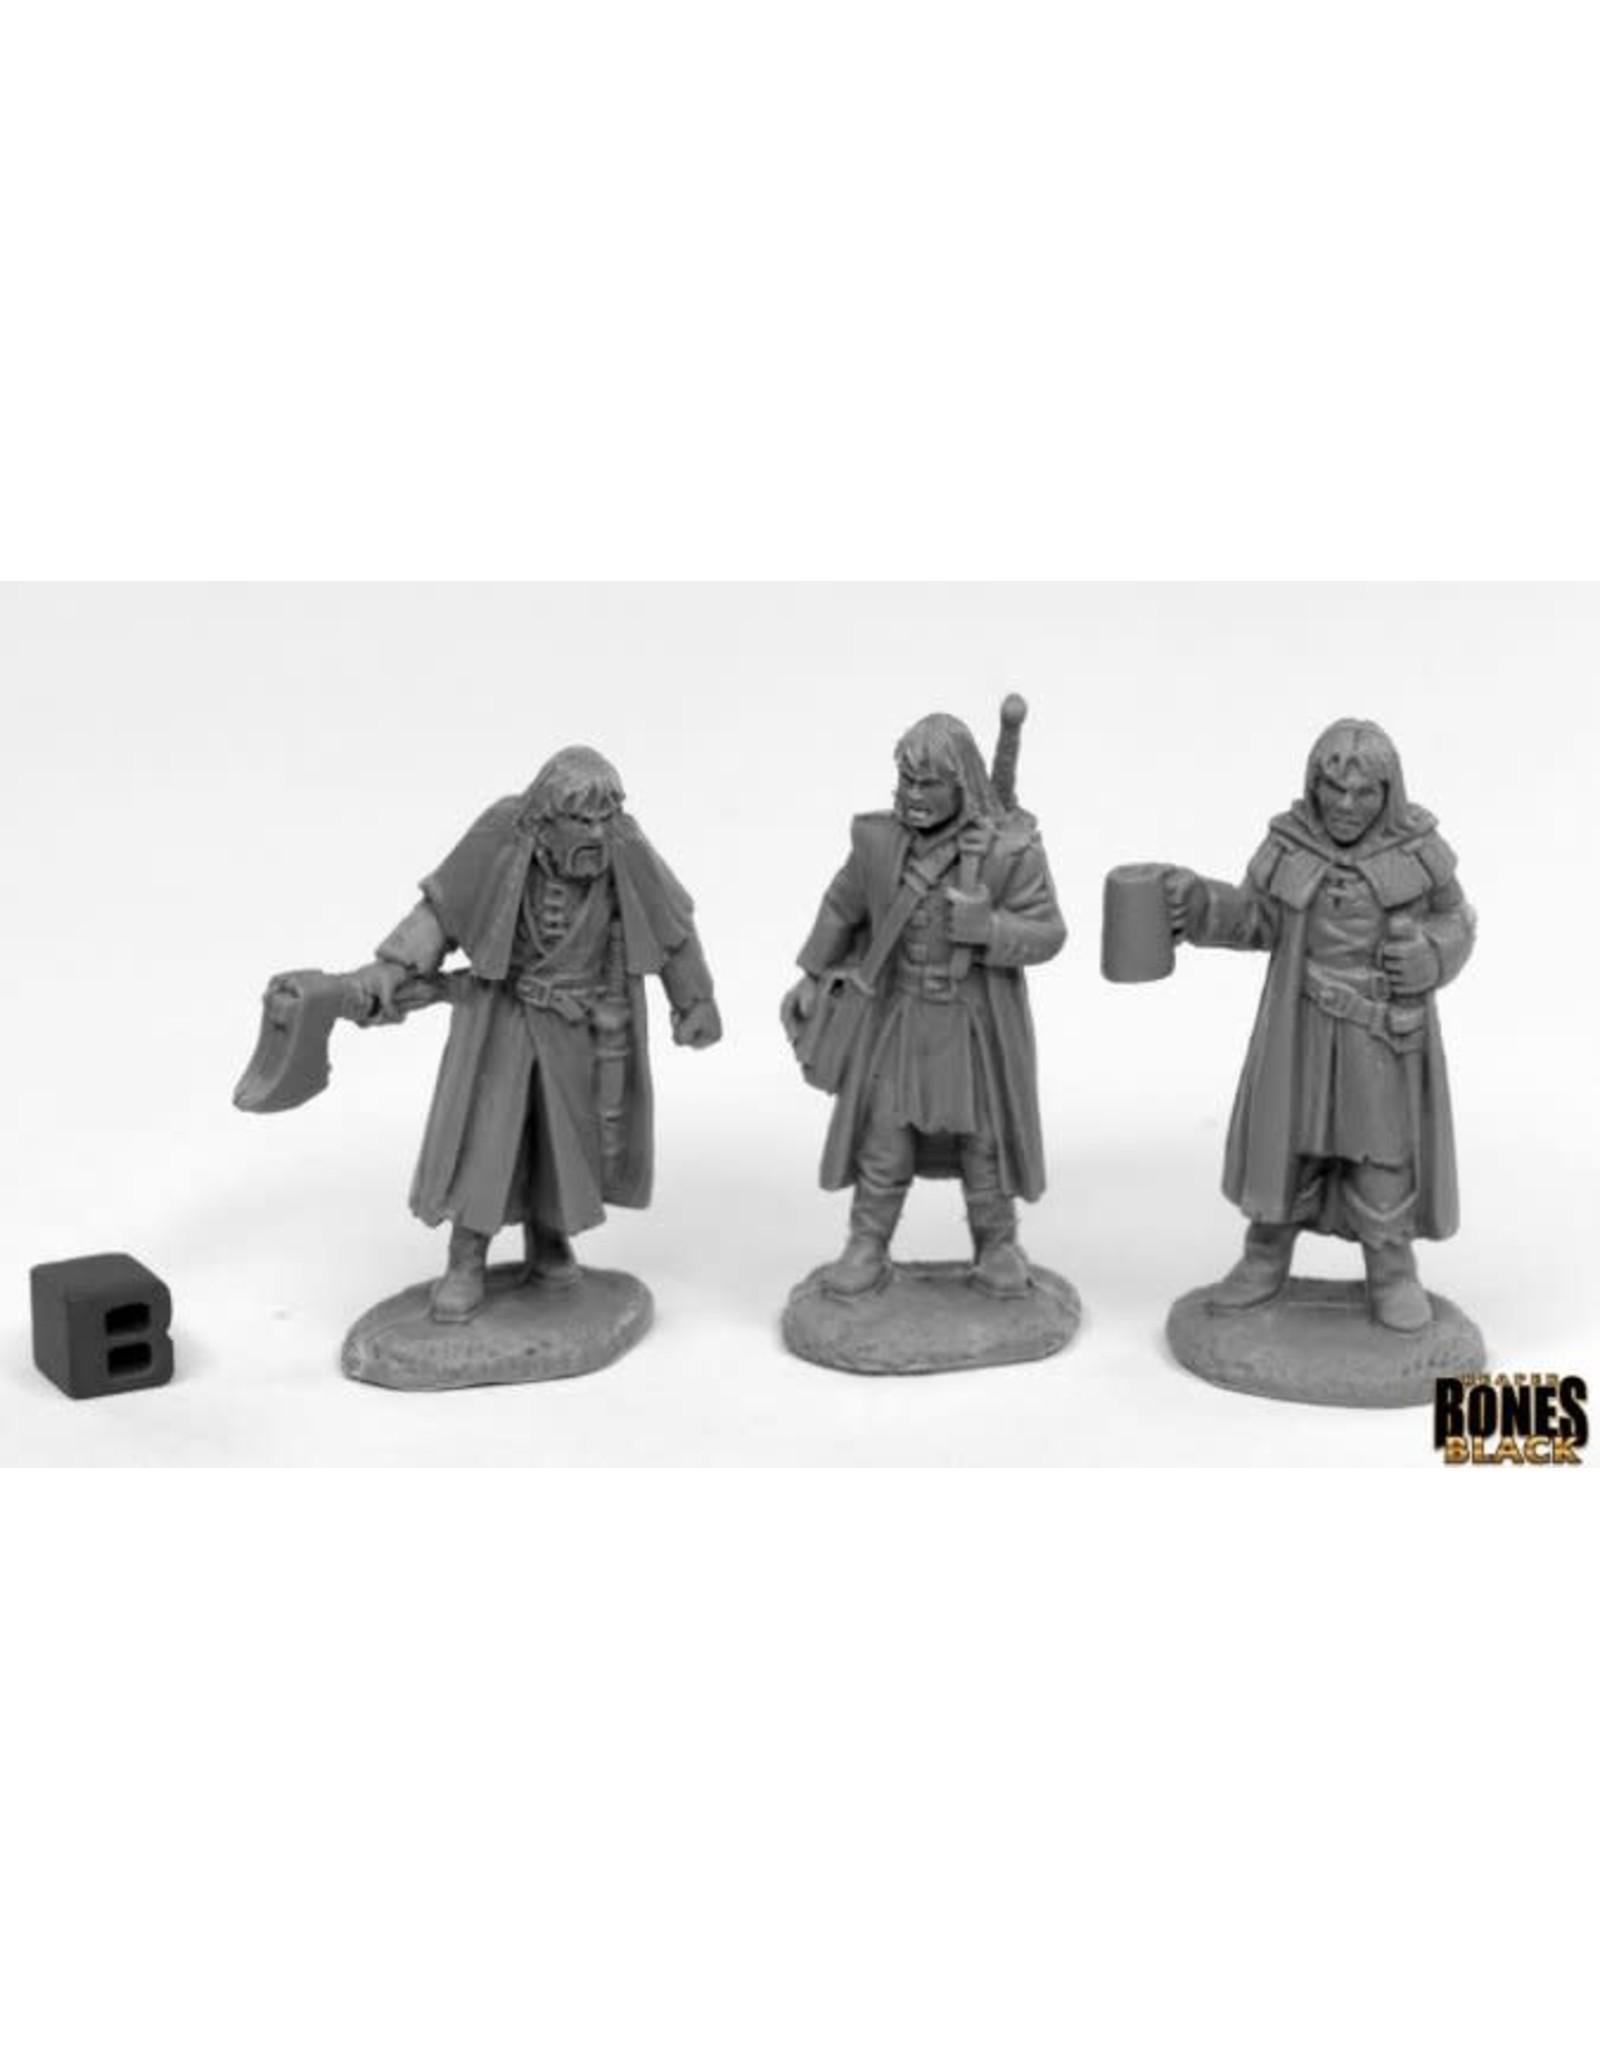 Reaper Miniatures Bones Black: Dreadmere Mercenaries